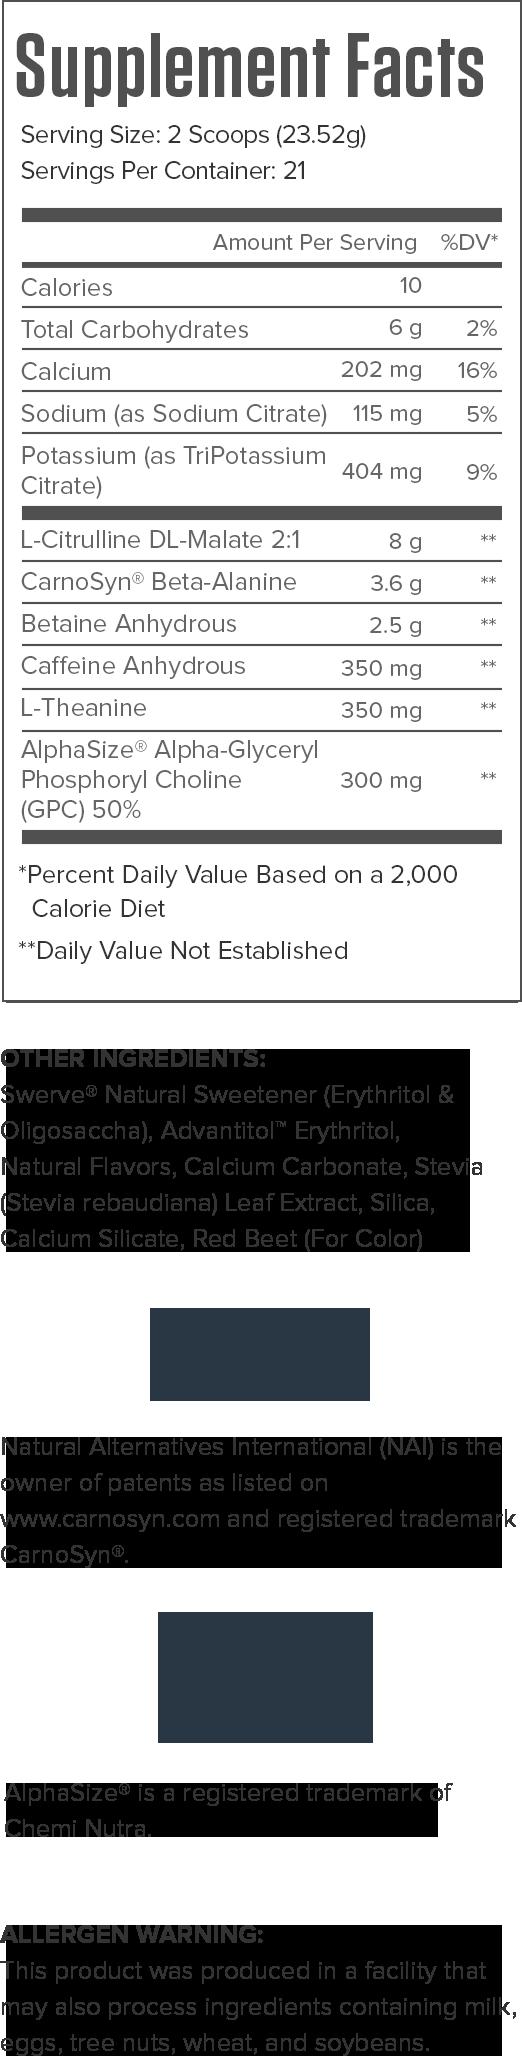 Pulse Wartermelon Supplement Facts